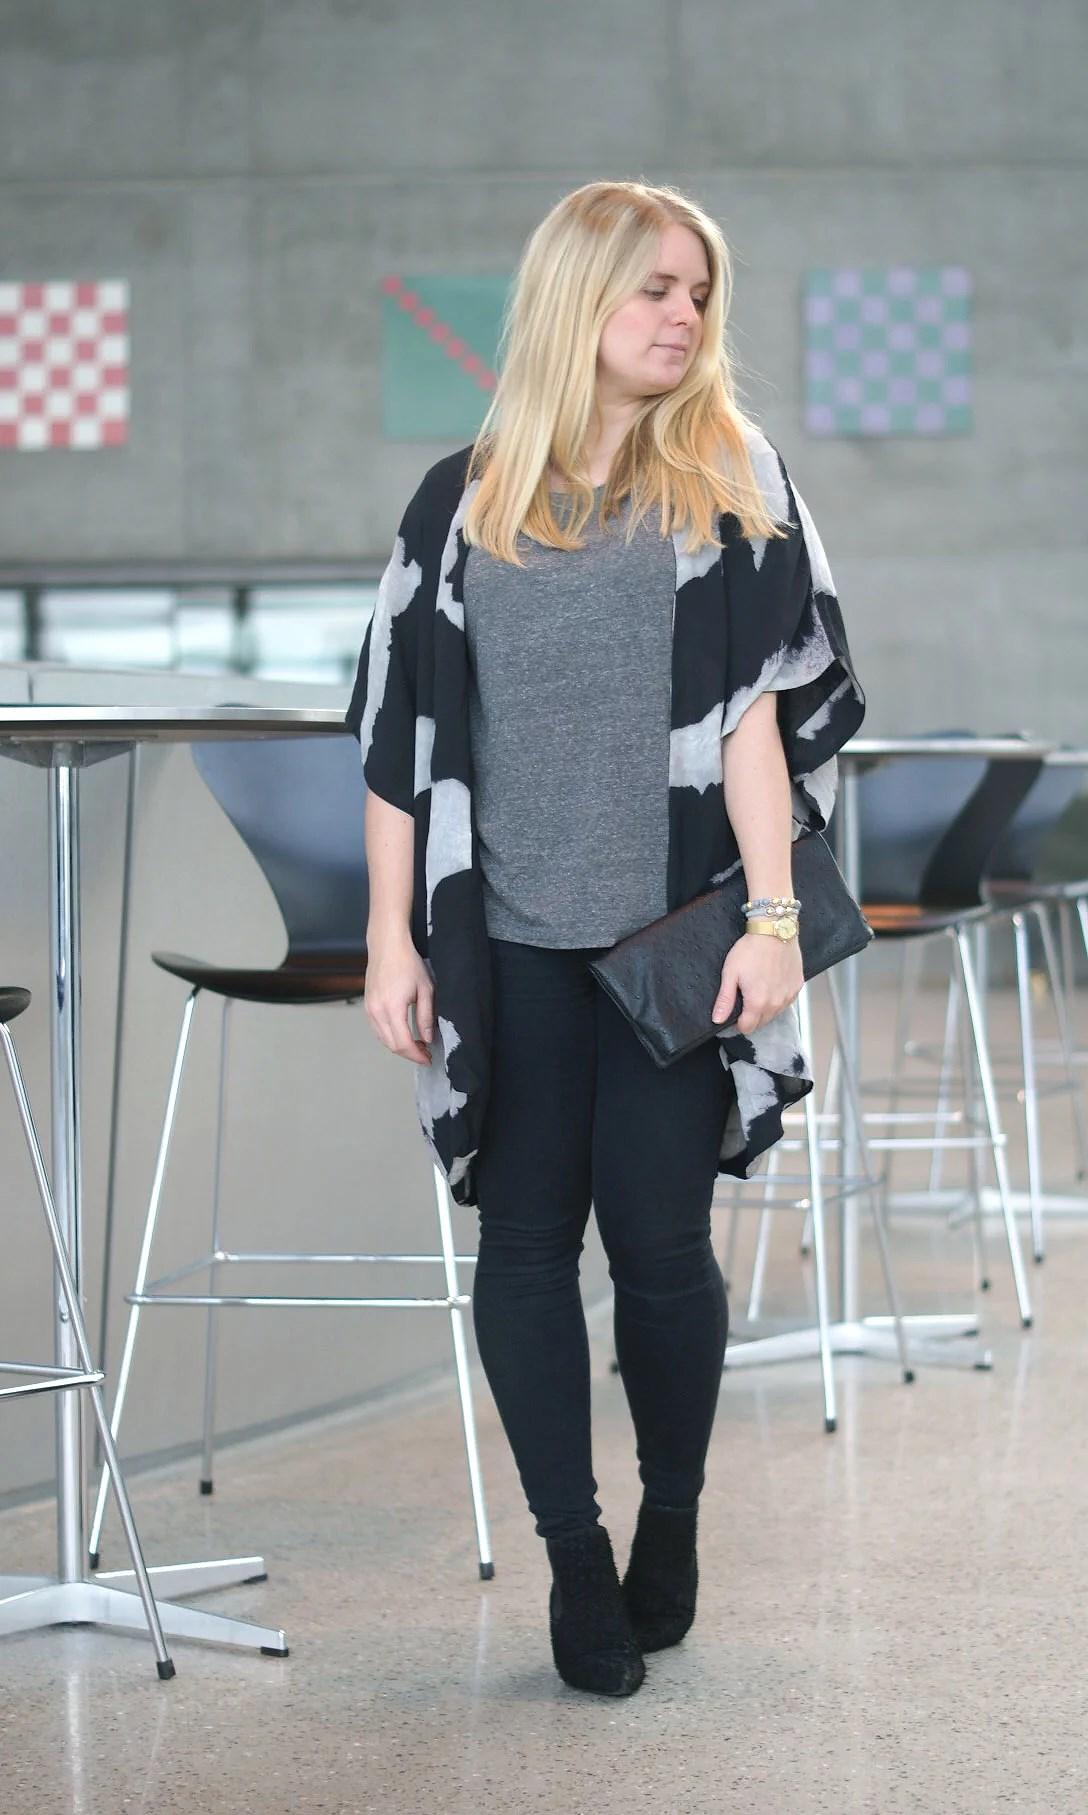 Aalborg-modeblogger-Aalborgmodeblogger-Aalborgmodeblog-It's My Passions-Julie Mænnchen, Kimono, Notice Kimono